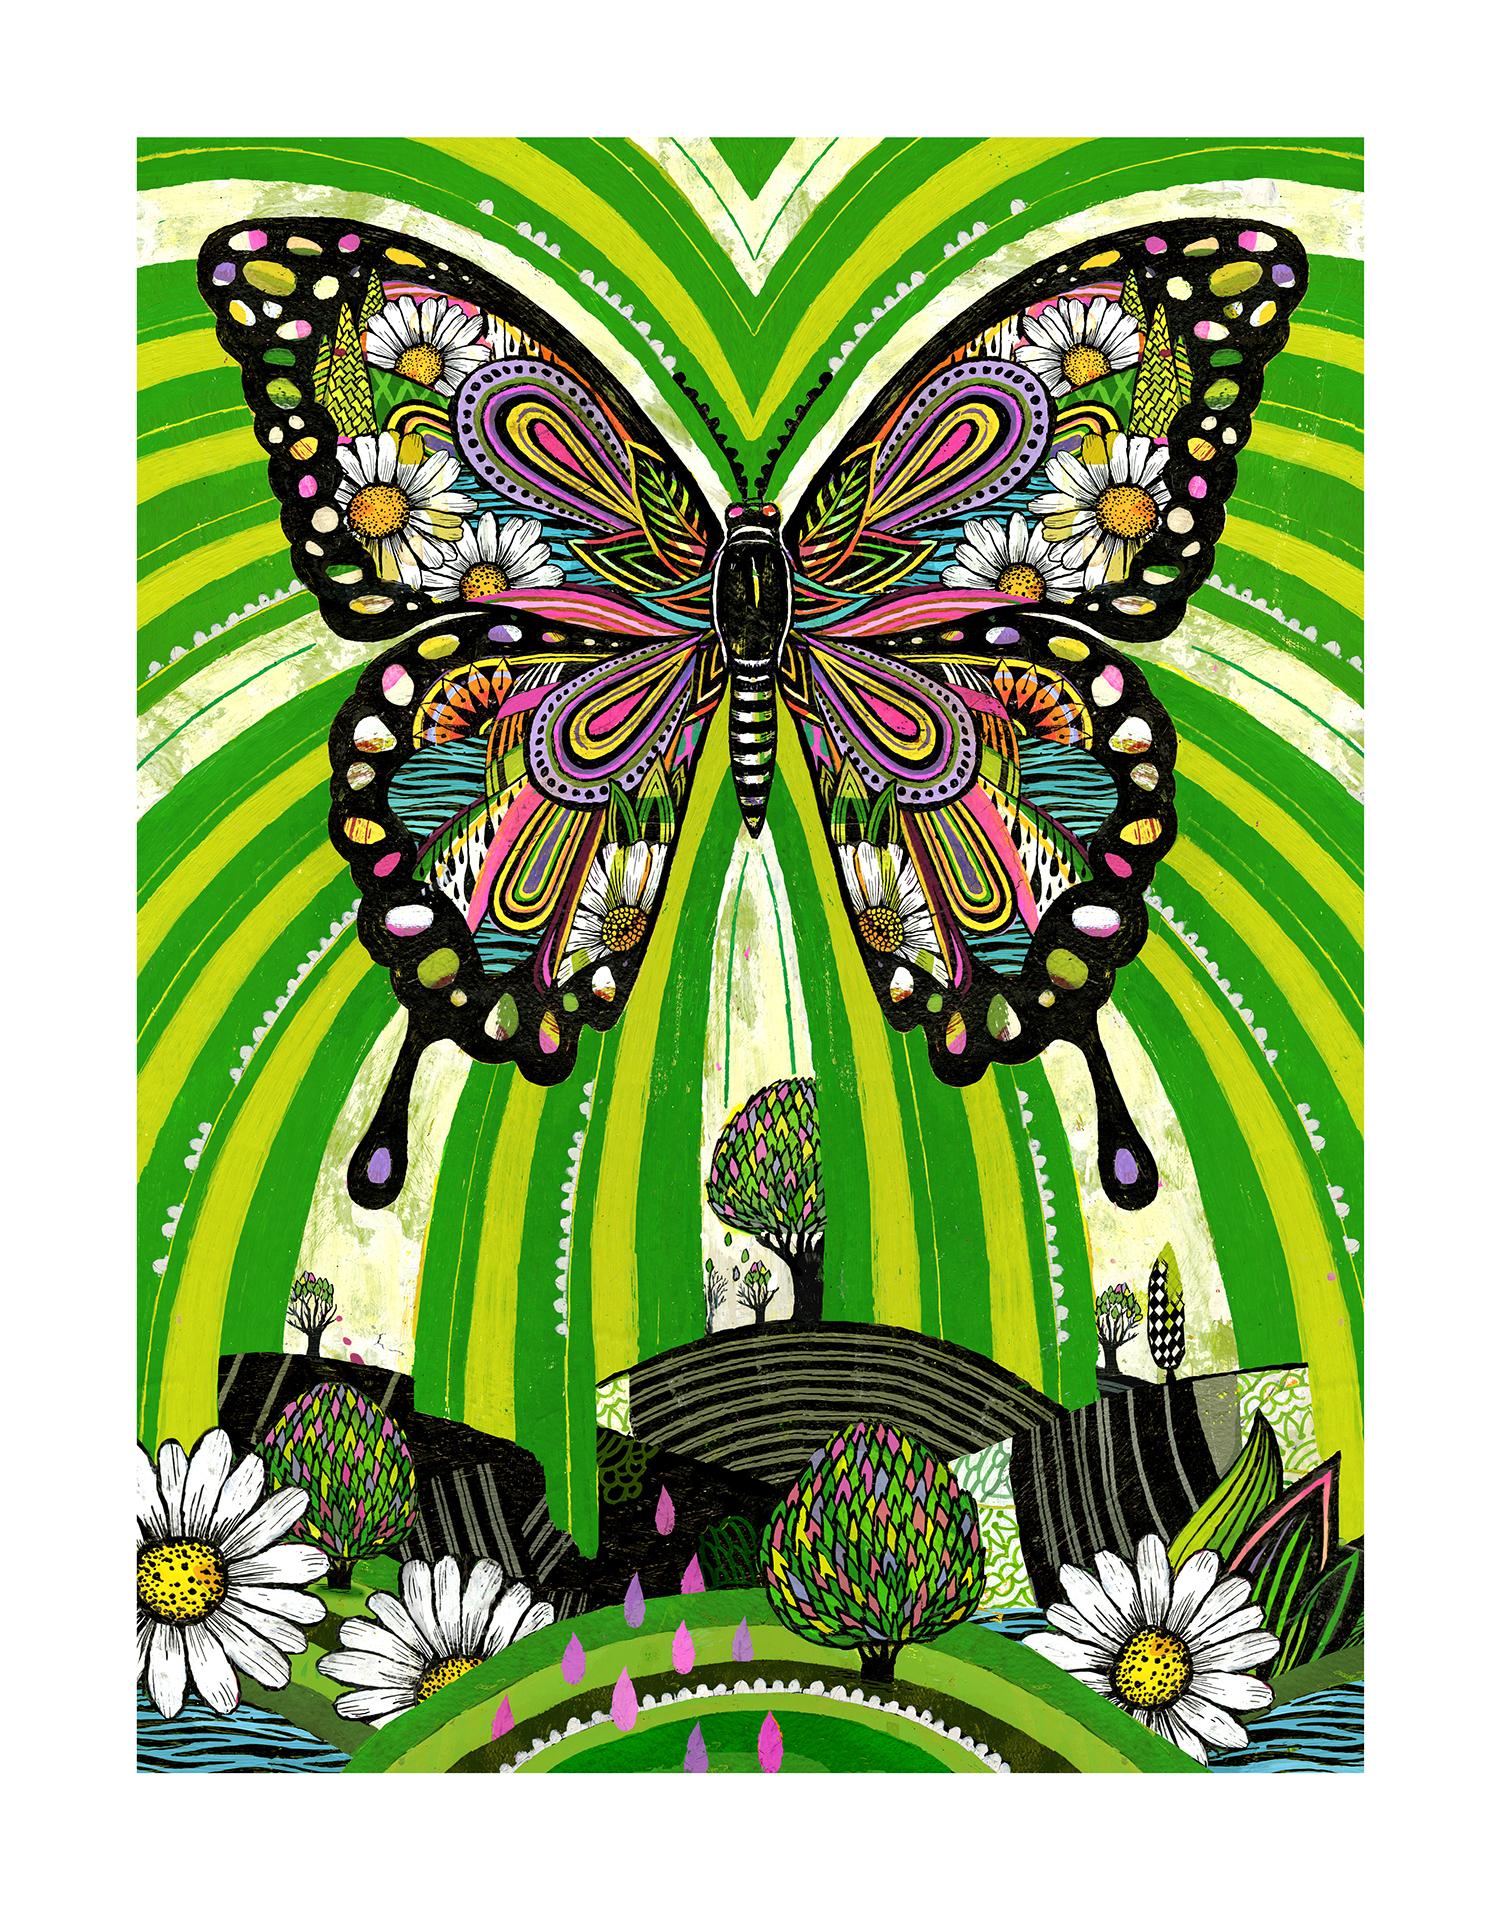 'Dream Butterfly' by Gina Triplett